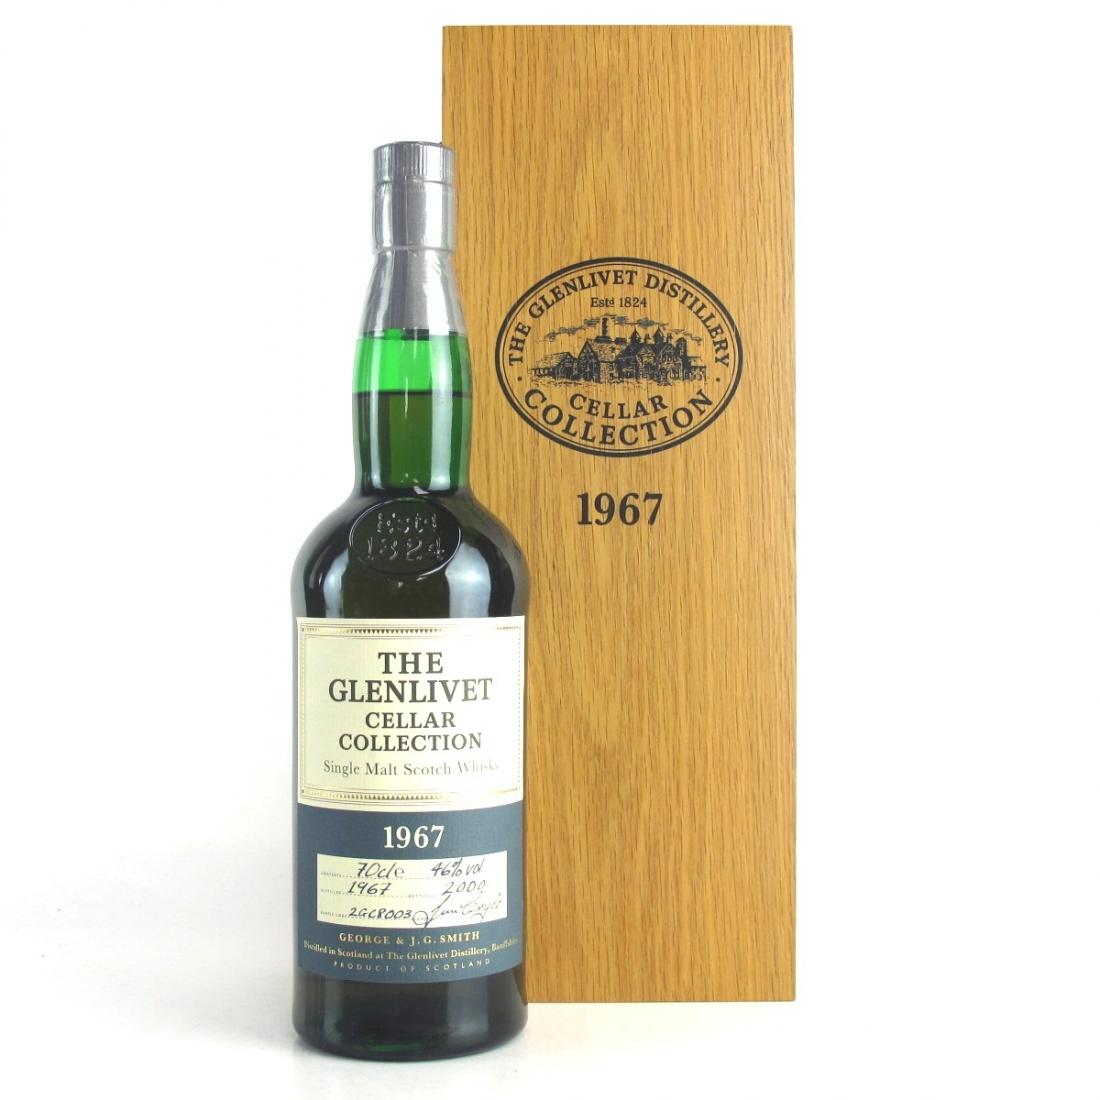 Glenlivet 1967 Cellar Collection 33 Year Old